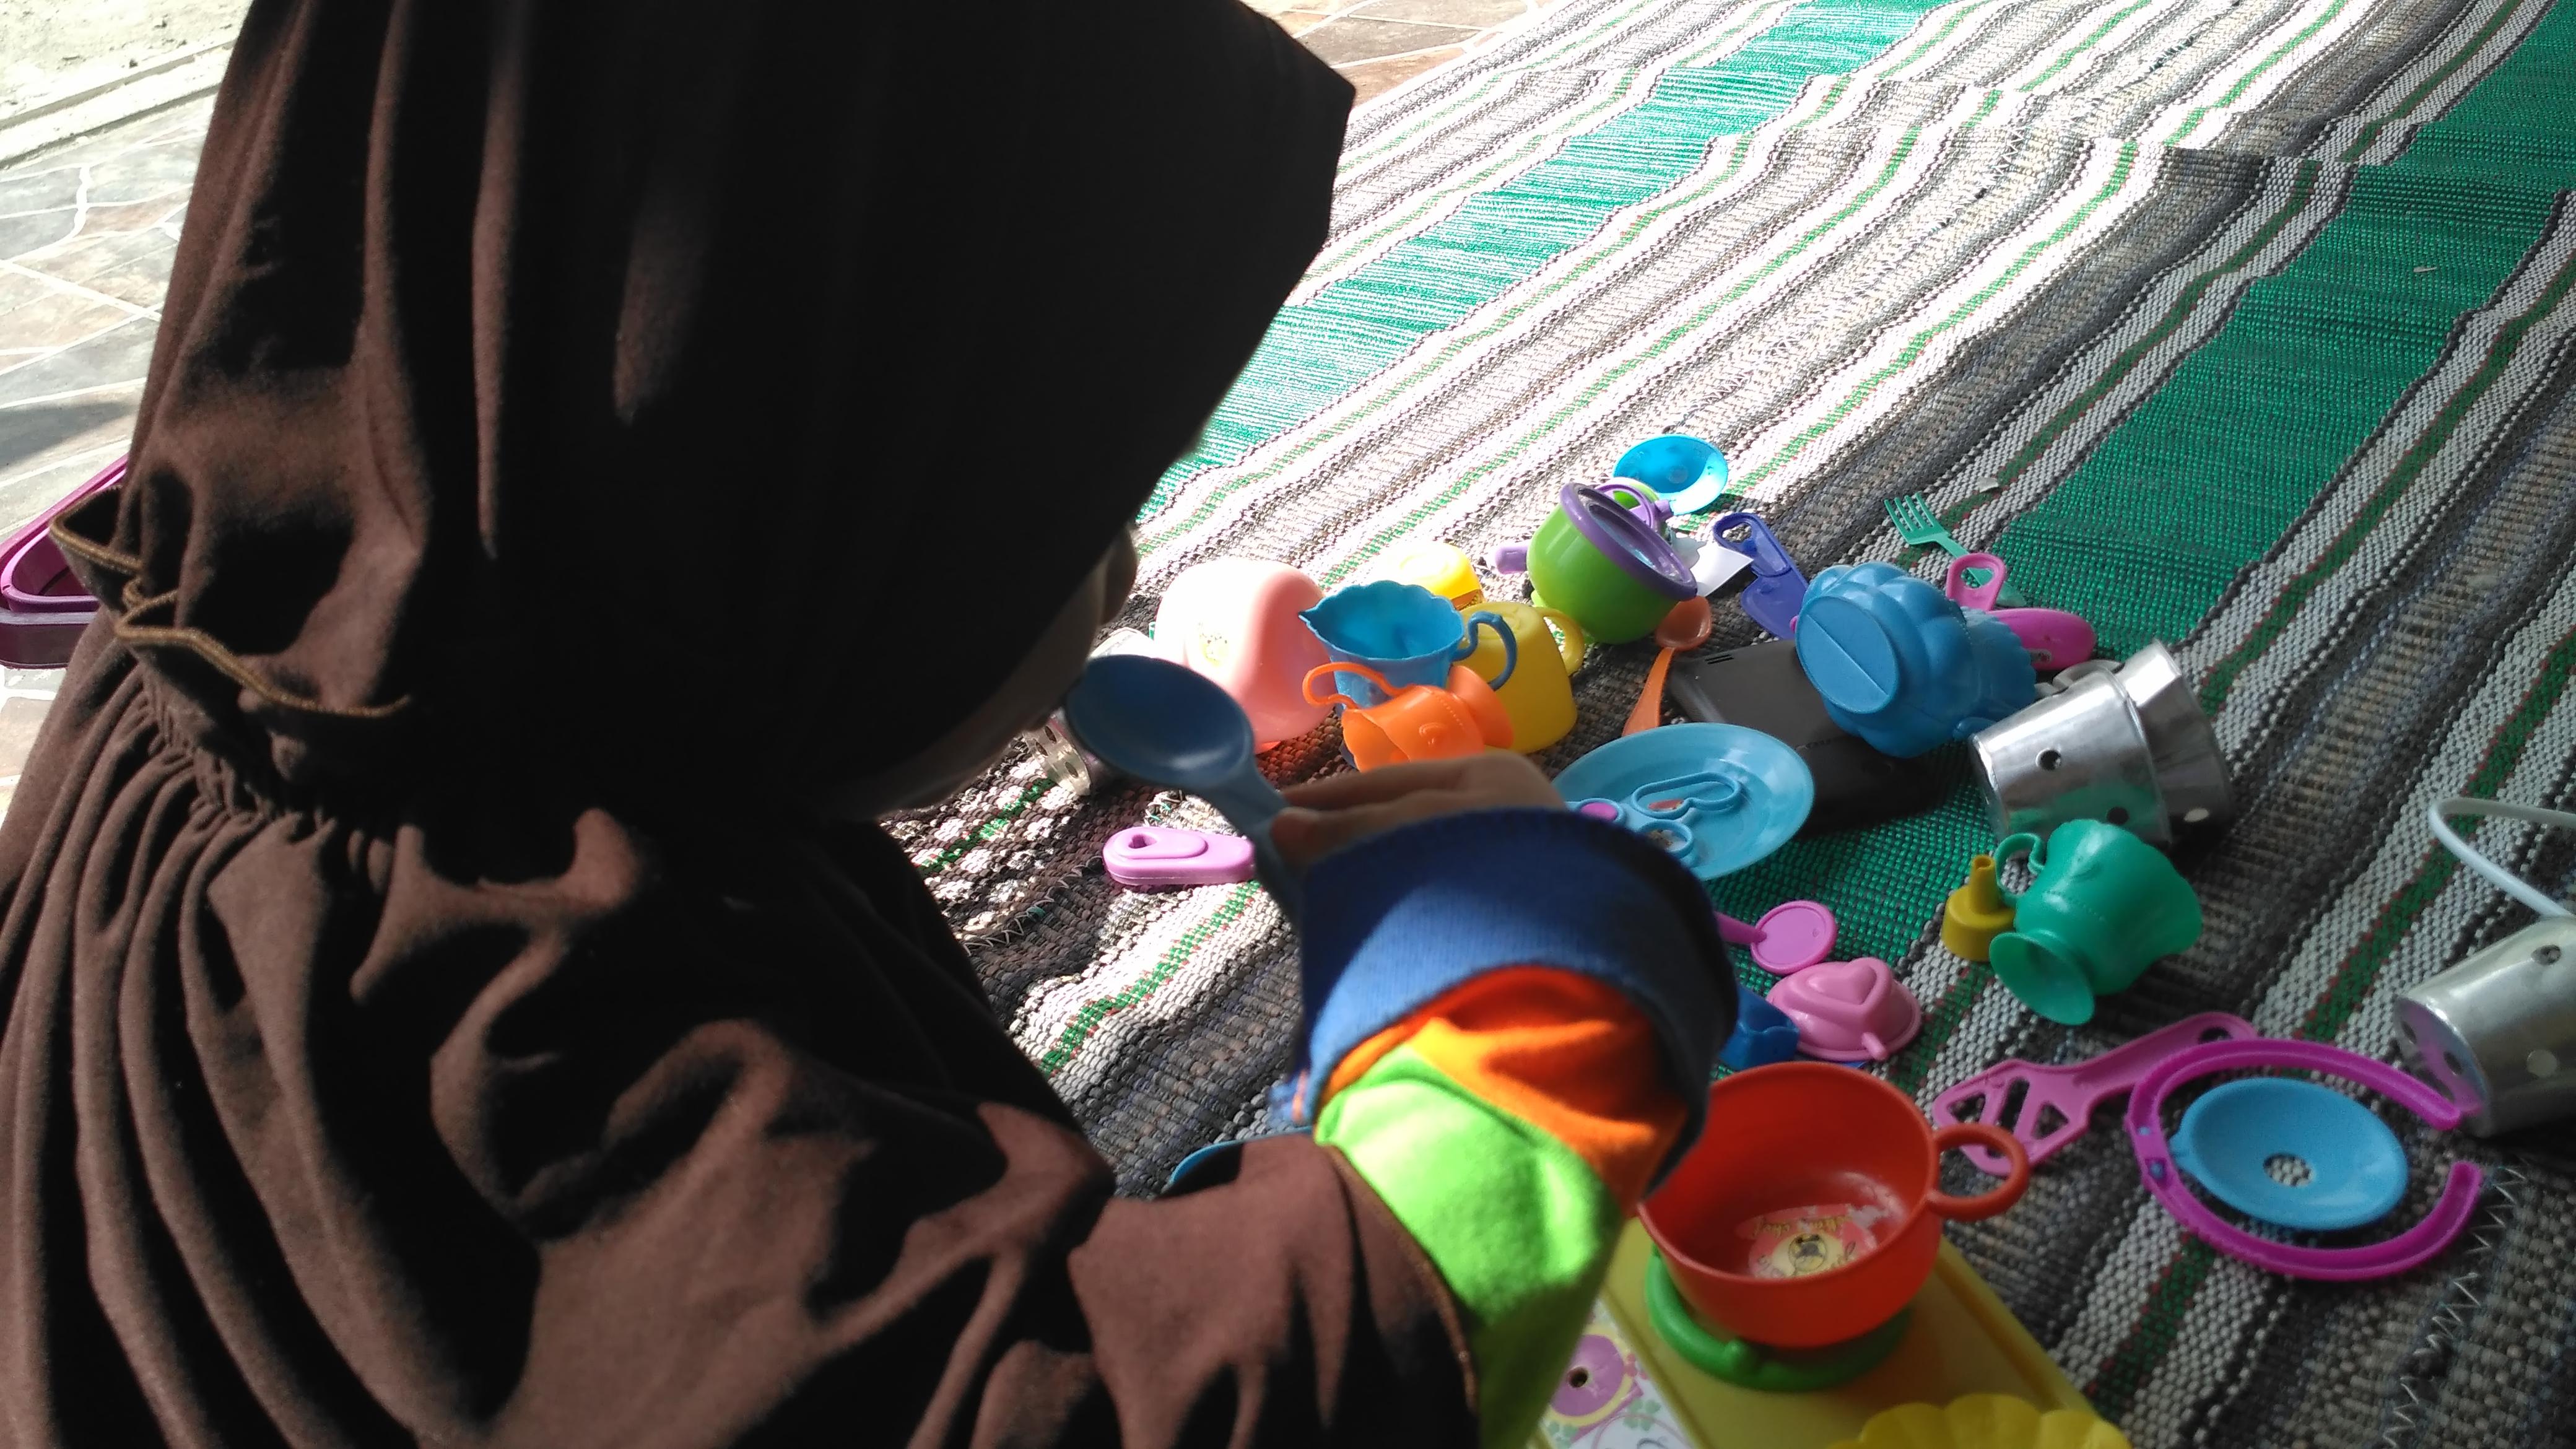 Gempa Bumi, dan Trauma Healing untuk Anak-anak